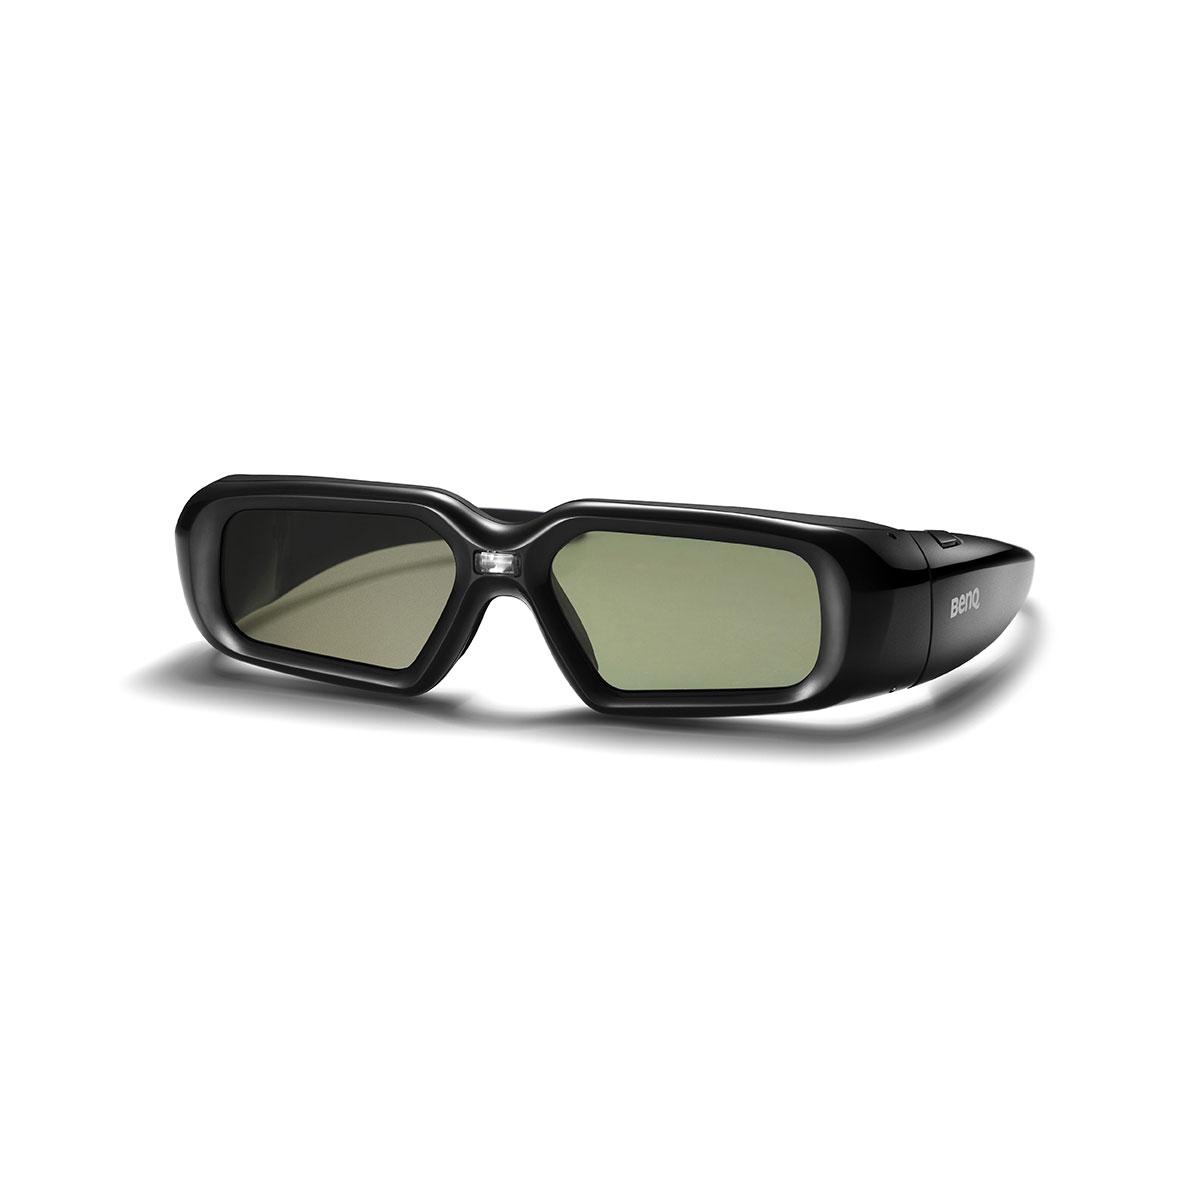 benq 3d glasses 2 manual